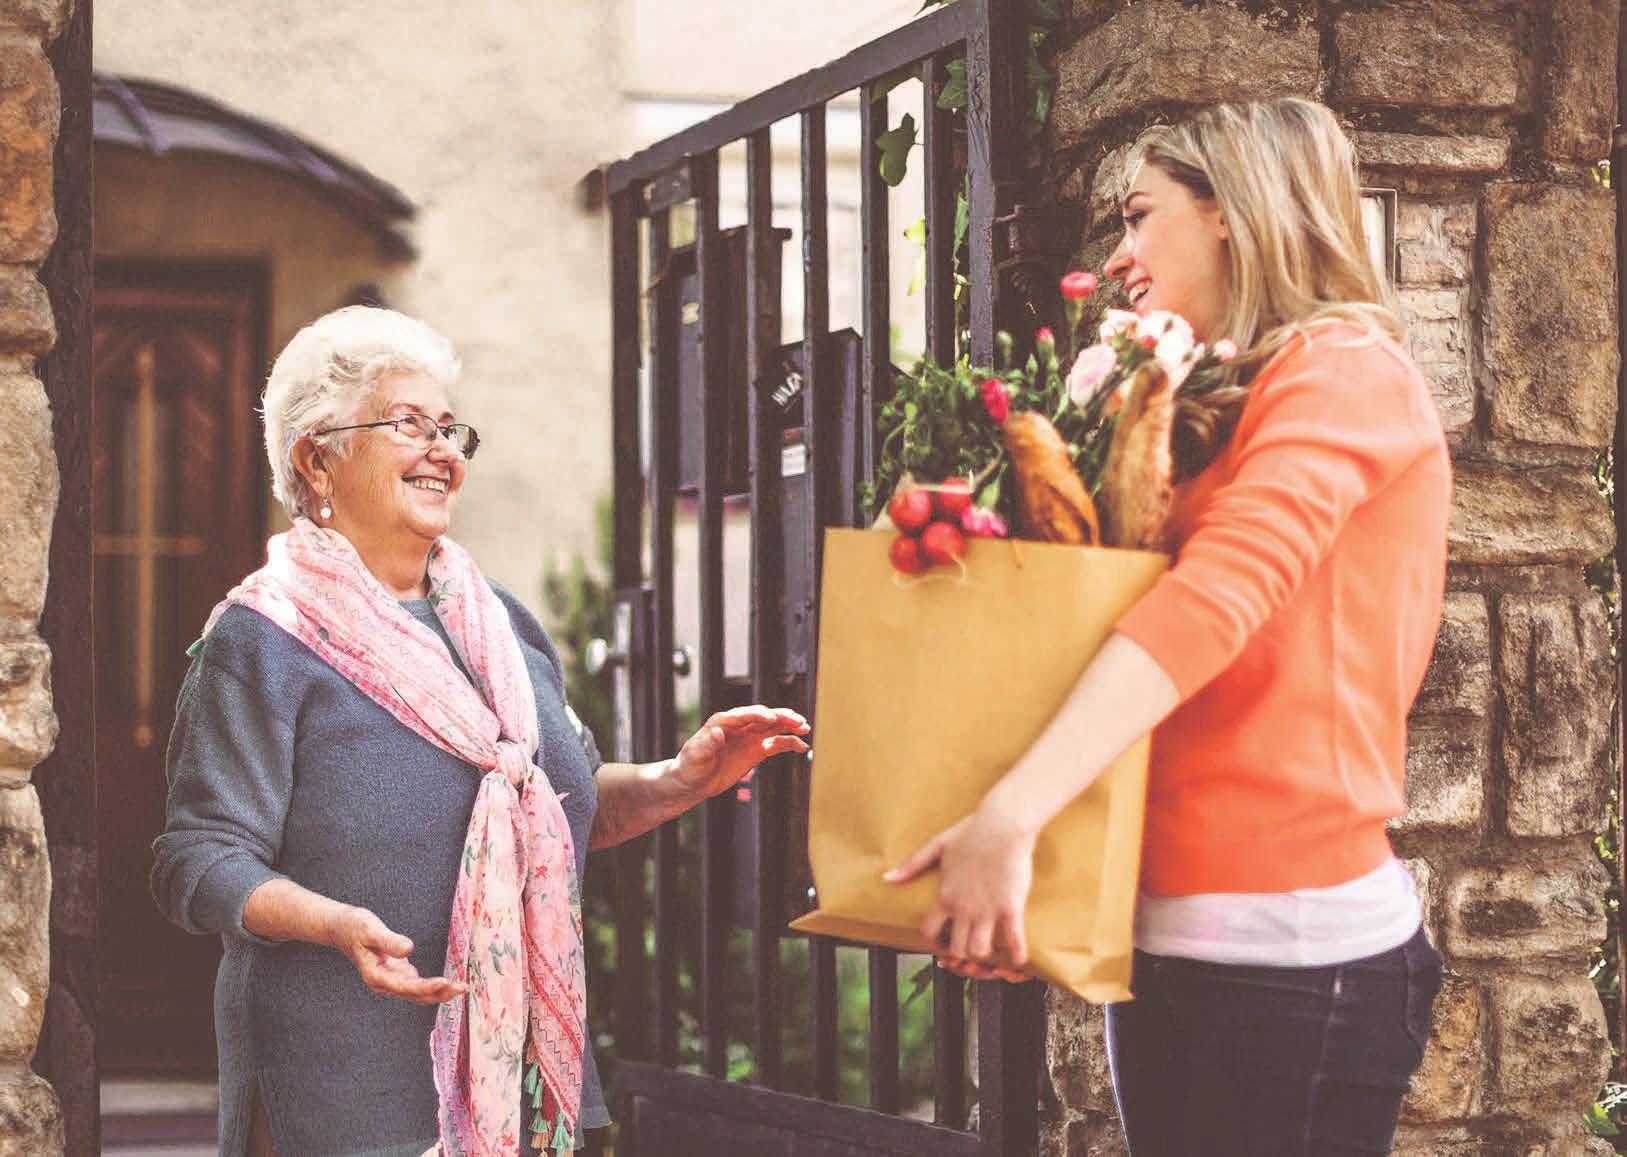 Ältere Alleinstehende sind teilweise auf spezielle Dienste angewiesen. Foto: Foto: Eva-Katalin/gettyimages.com/akz-o